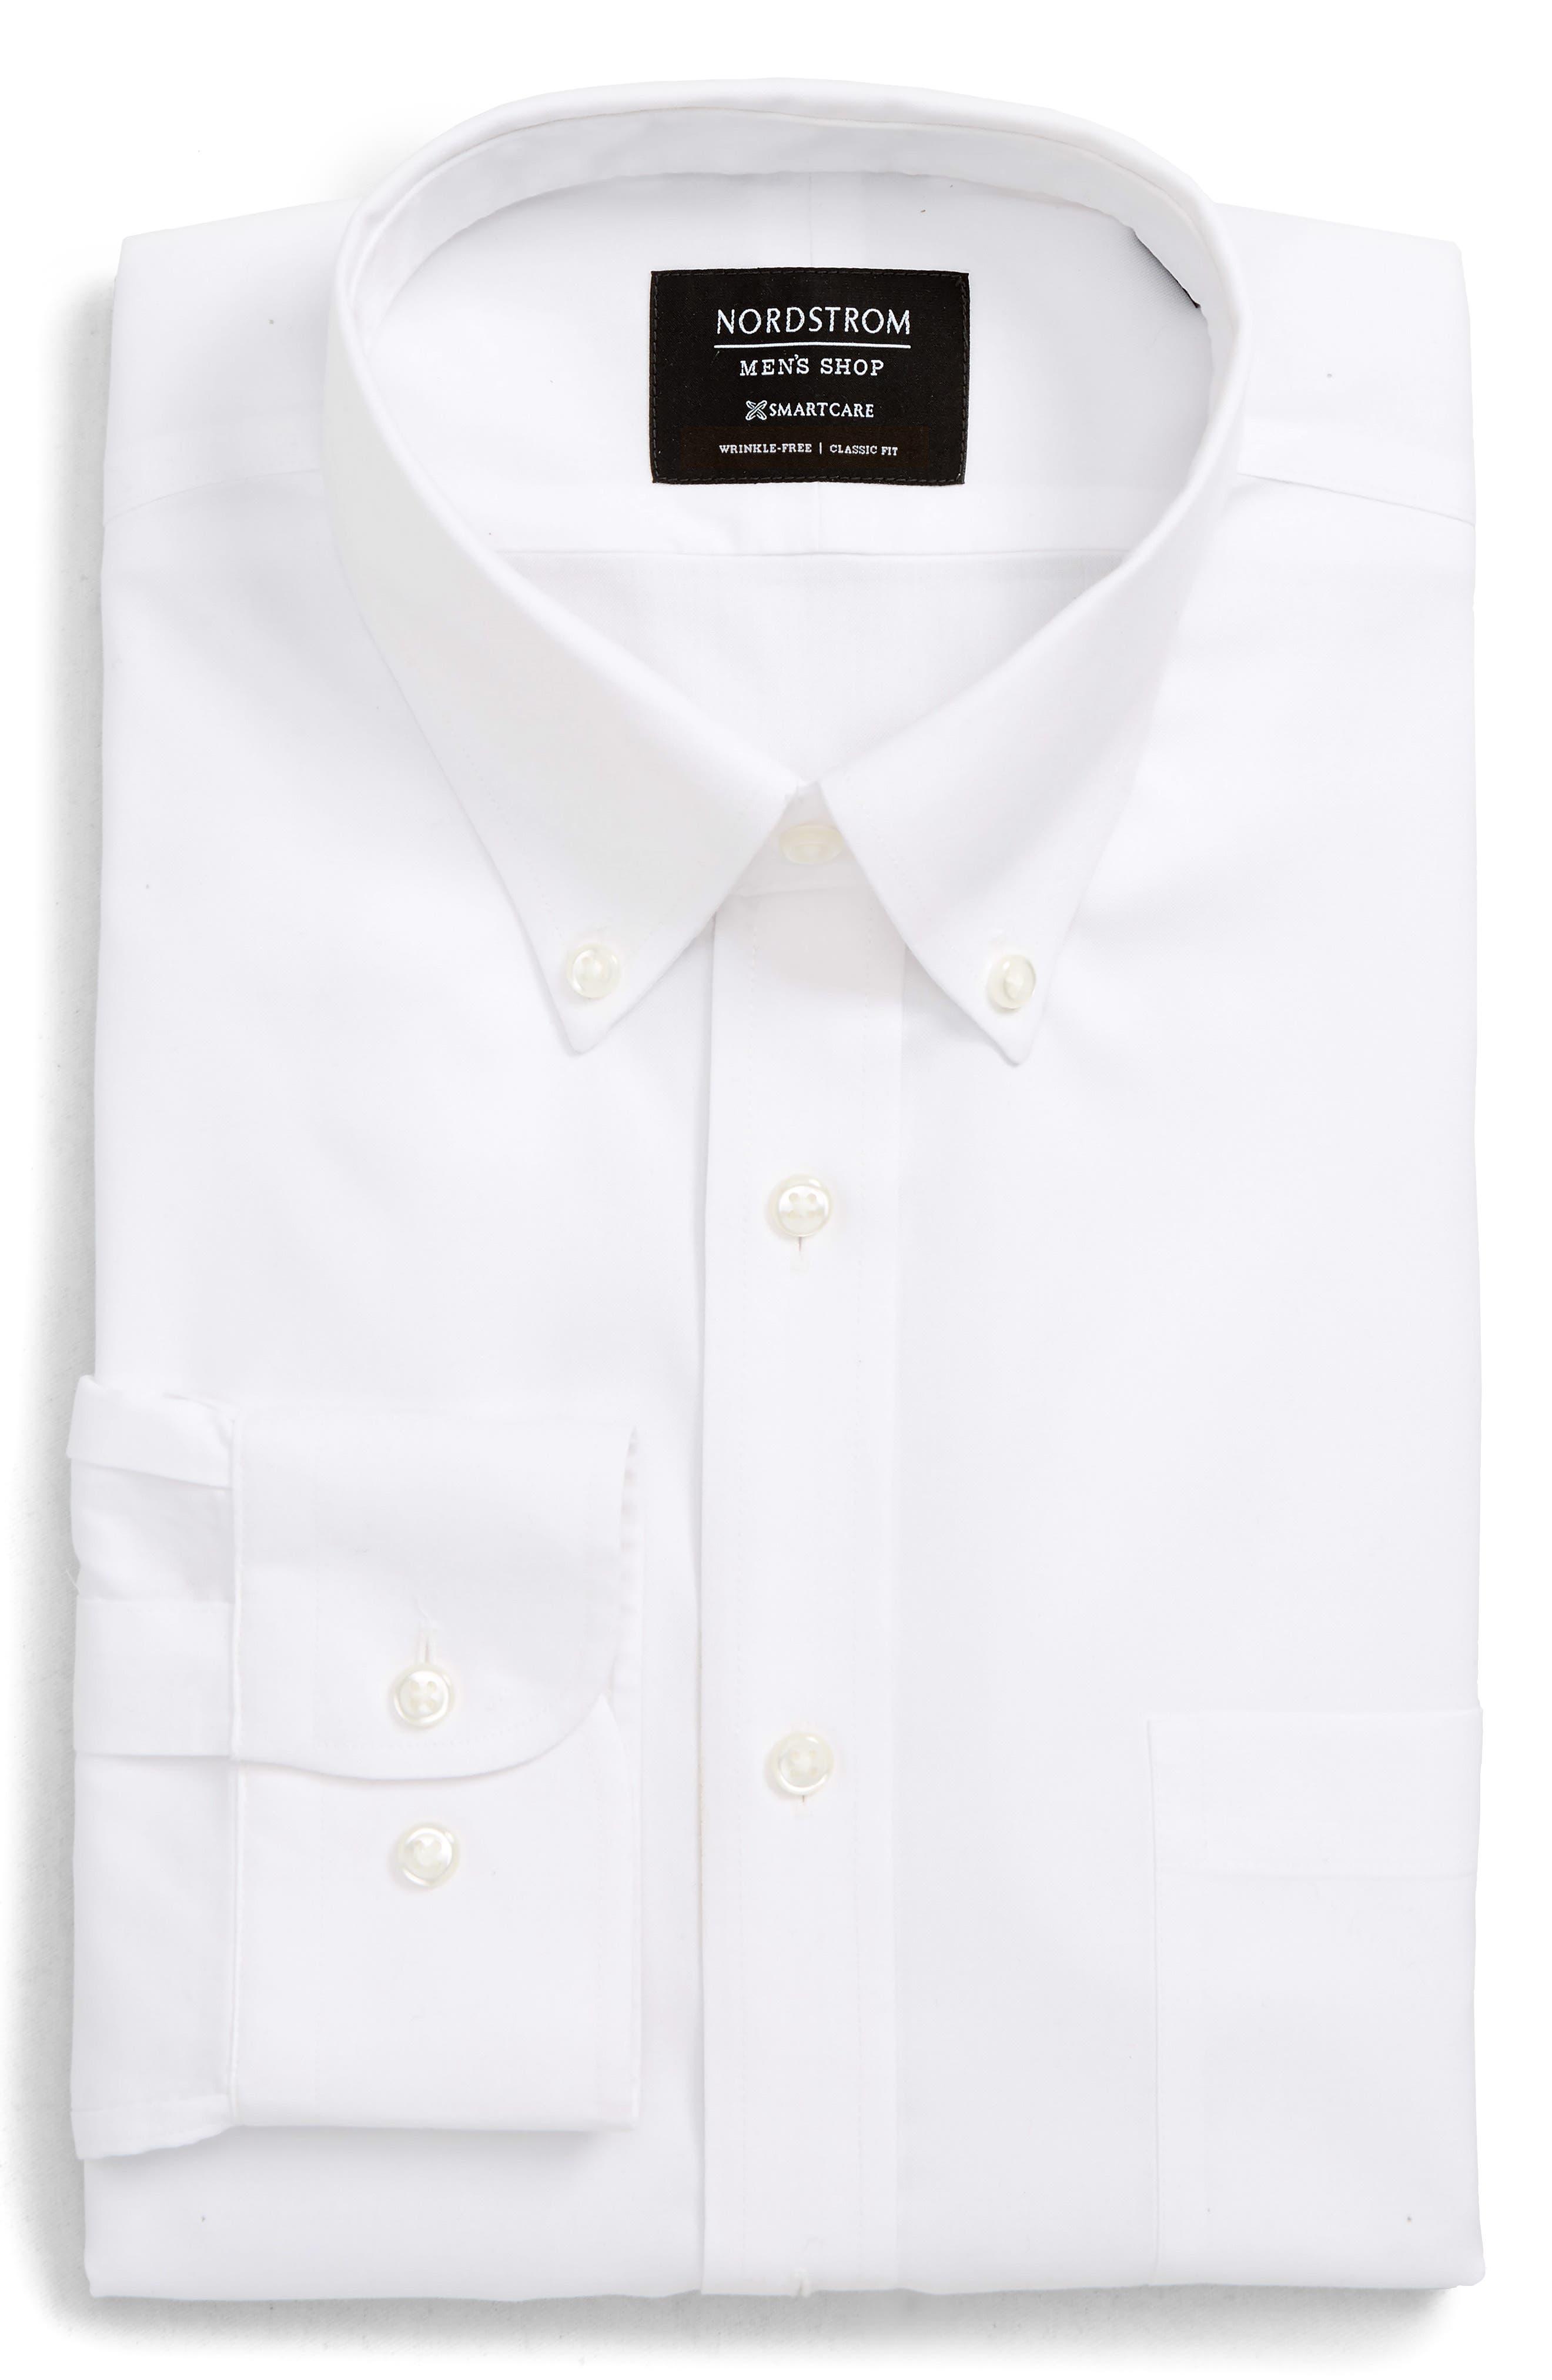 ec55f8601 Nordstrom Shop Smartcare(TM) Classic Fit Dress Shirt - White